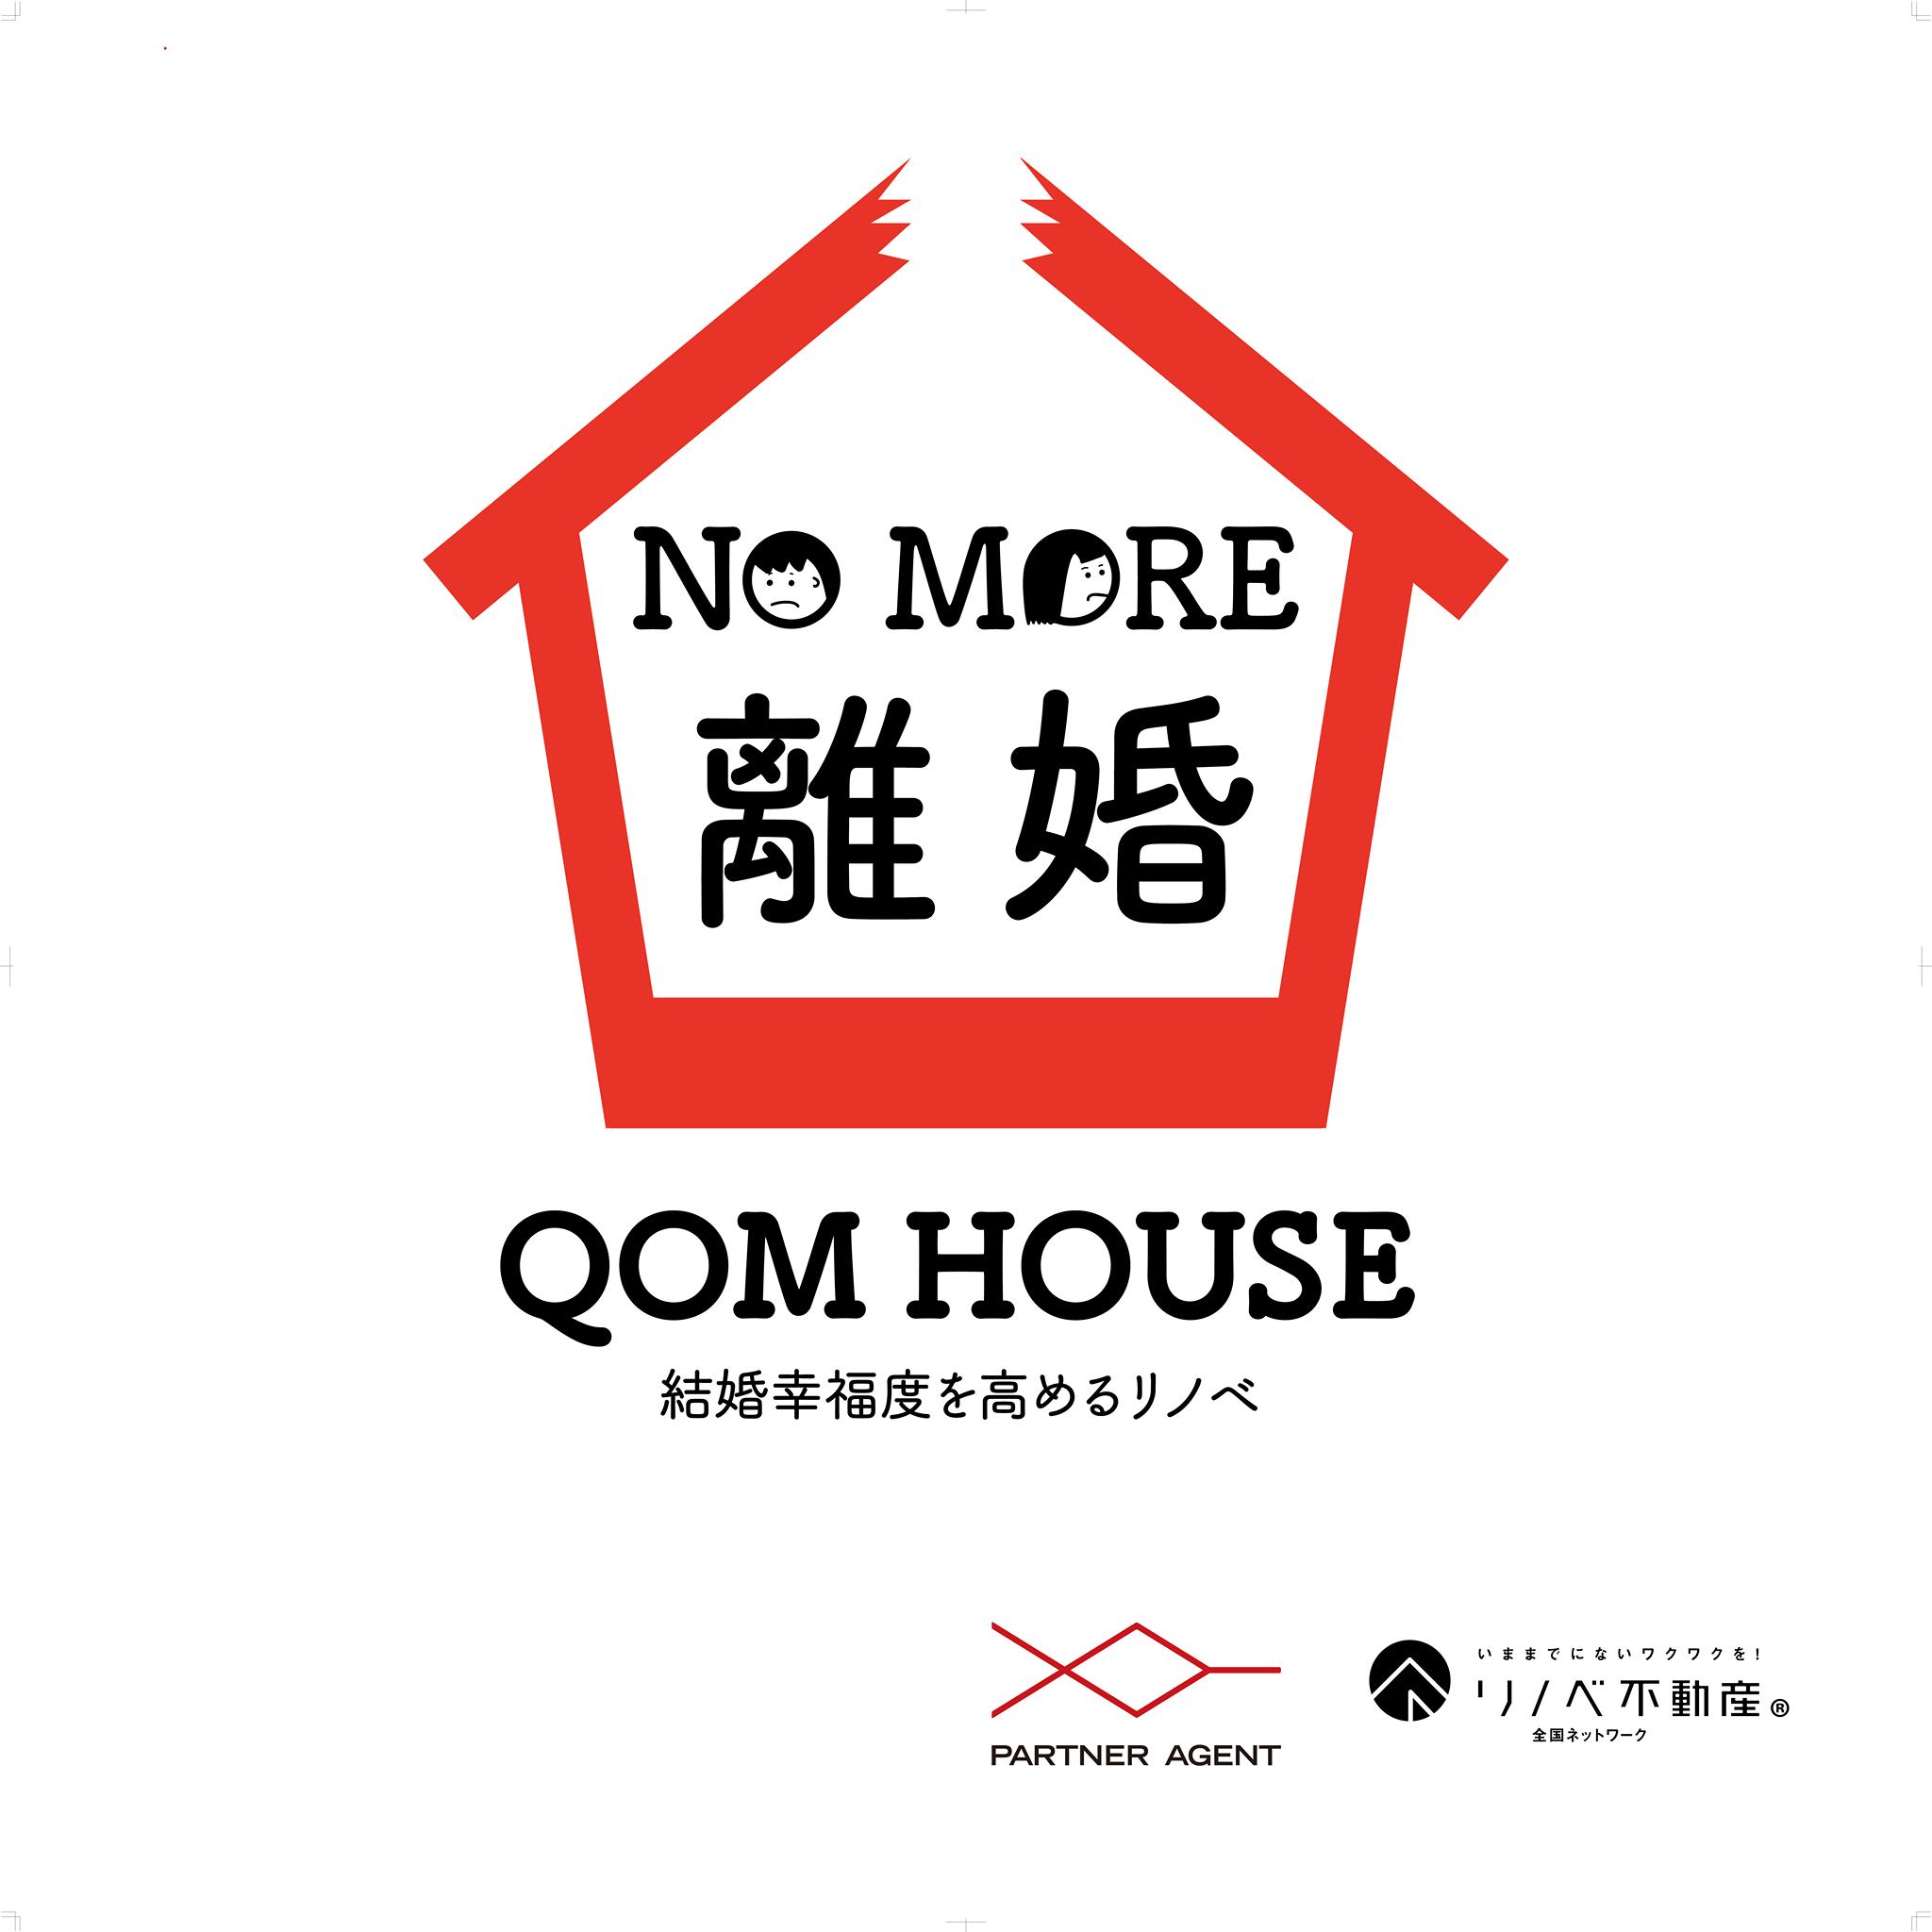 QOM HOUSE no more rikon